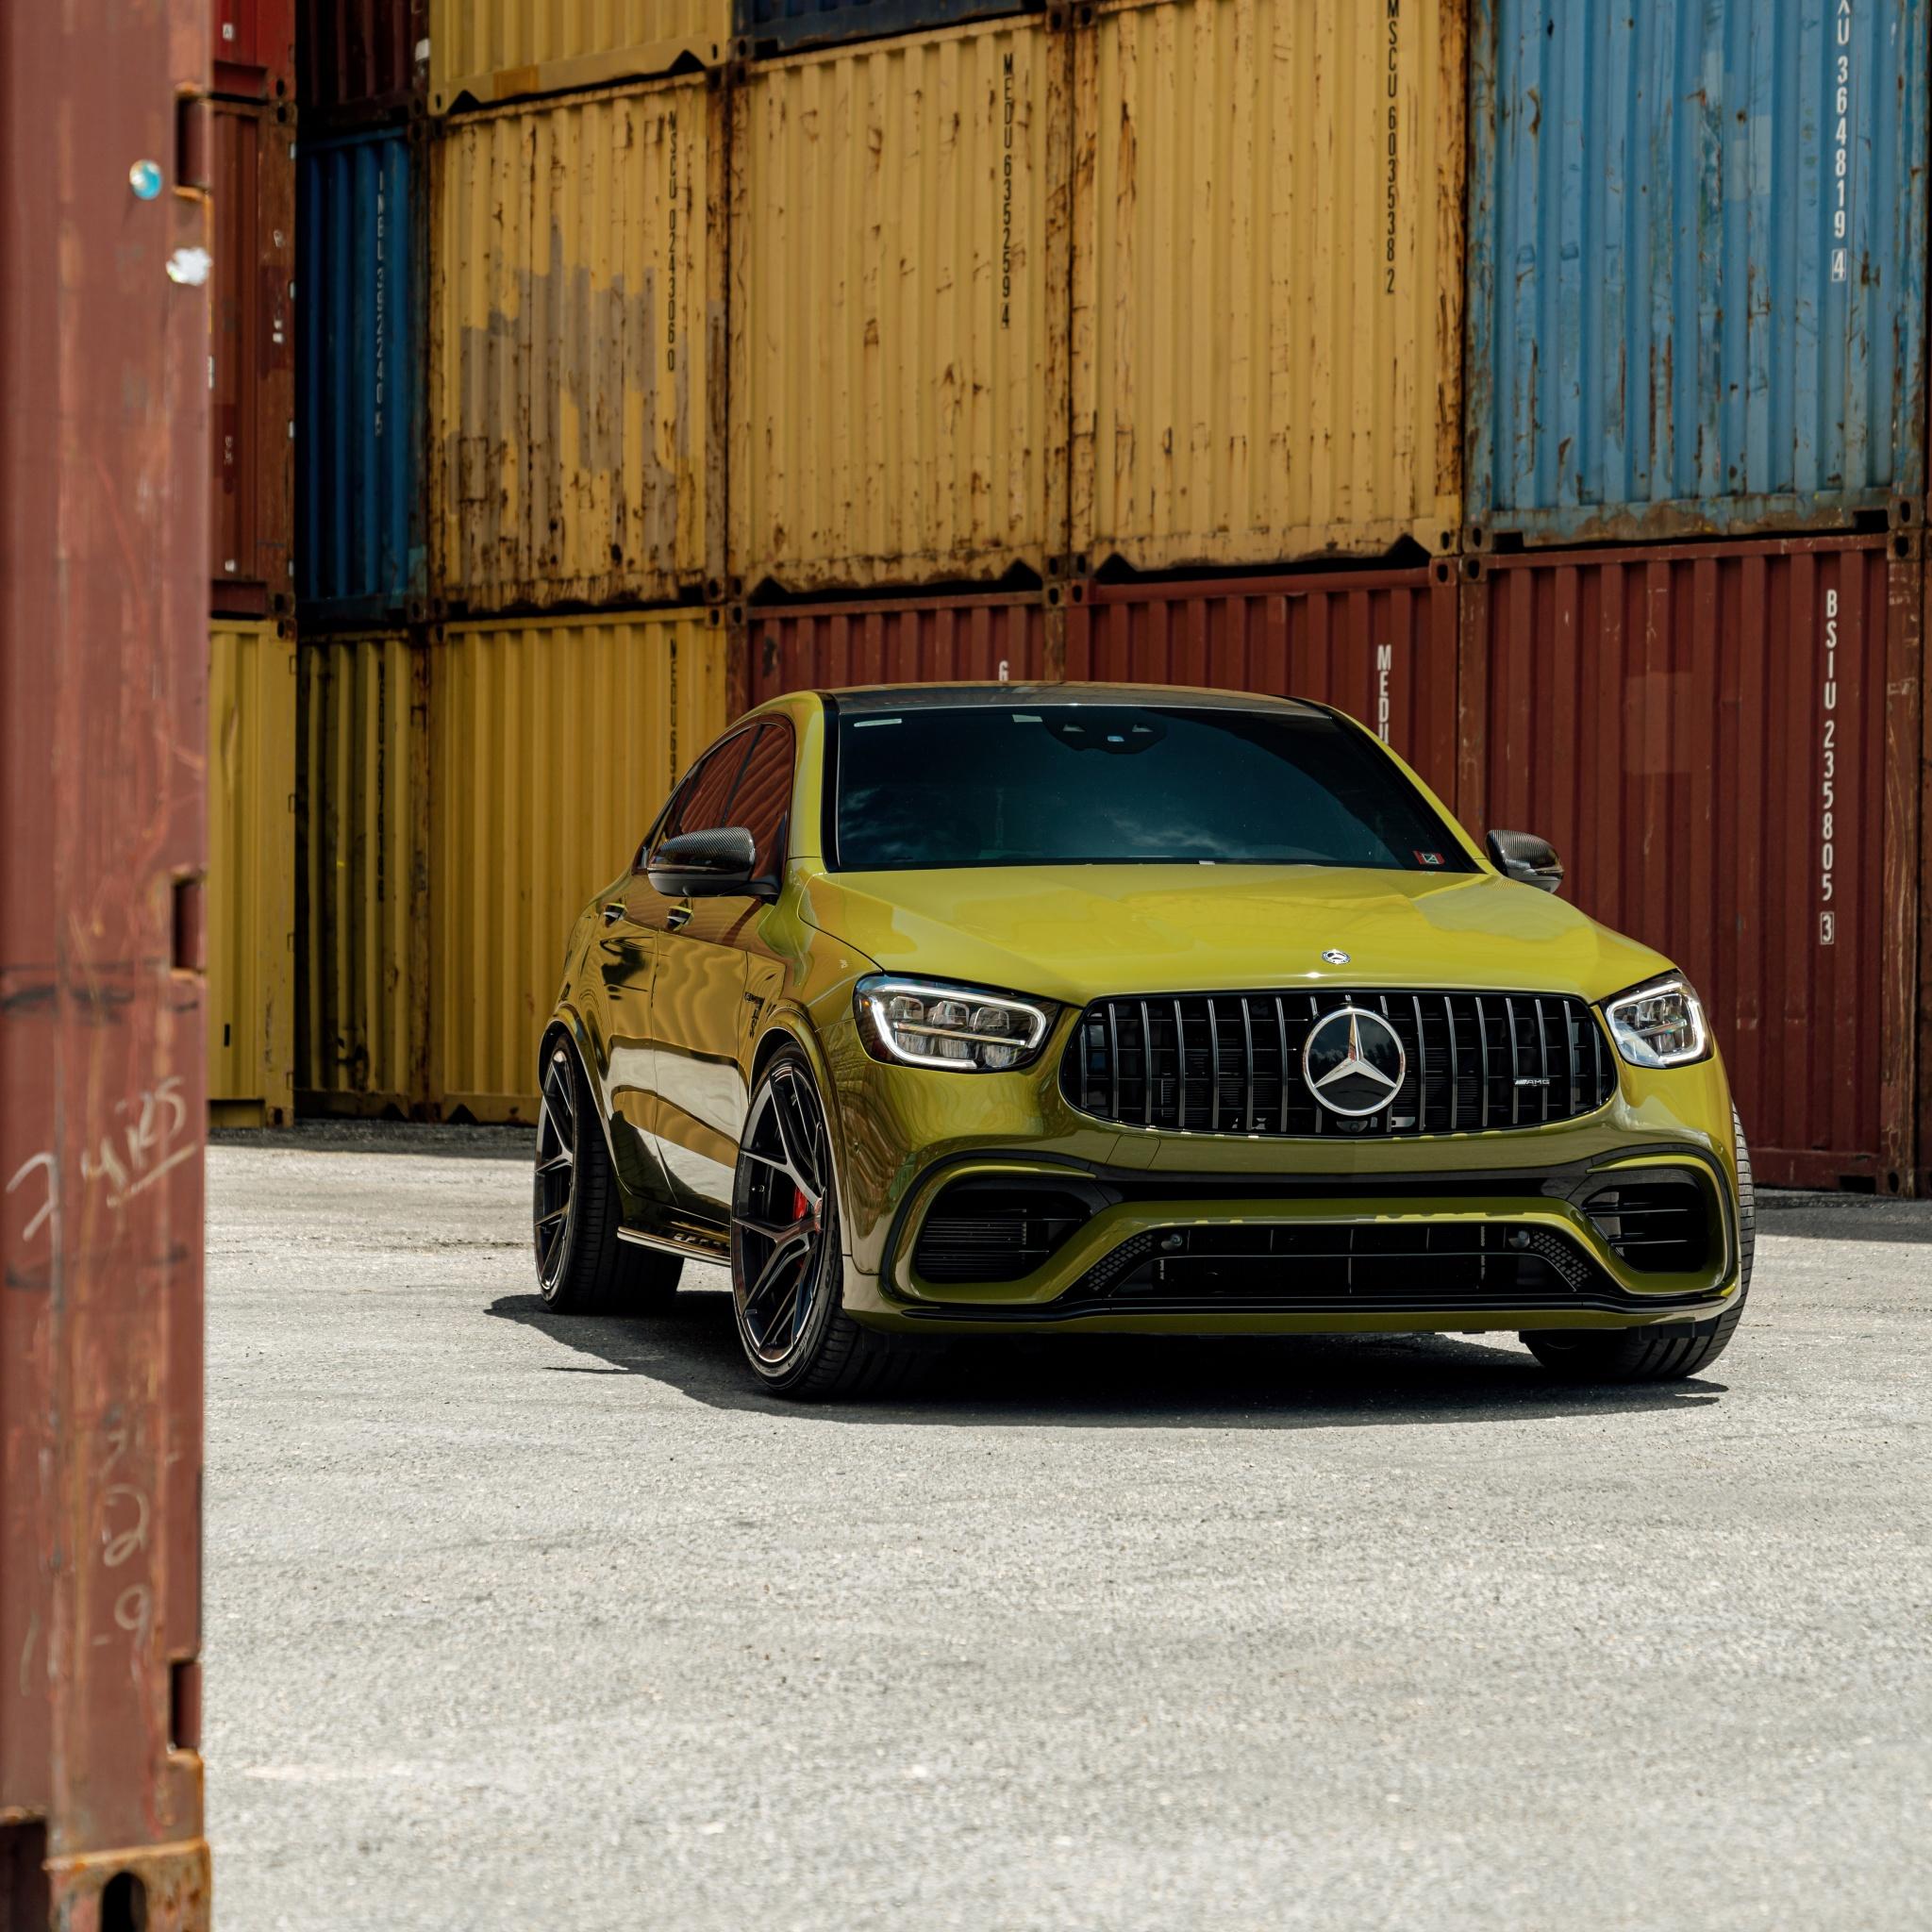 Mercedes-AMG GLC 63 4K Wallpaper, 5K, 8K, Cars, #2770